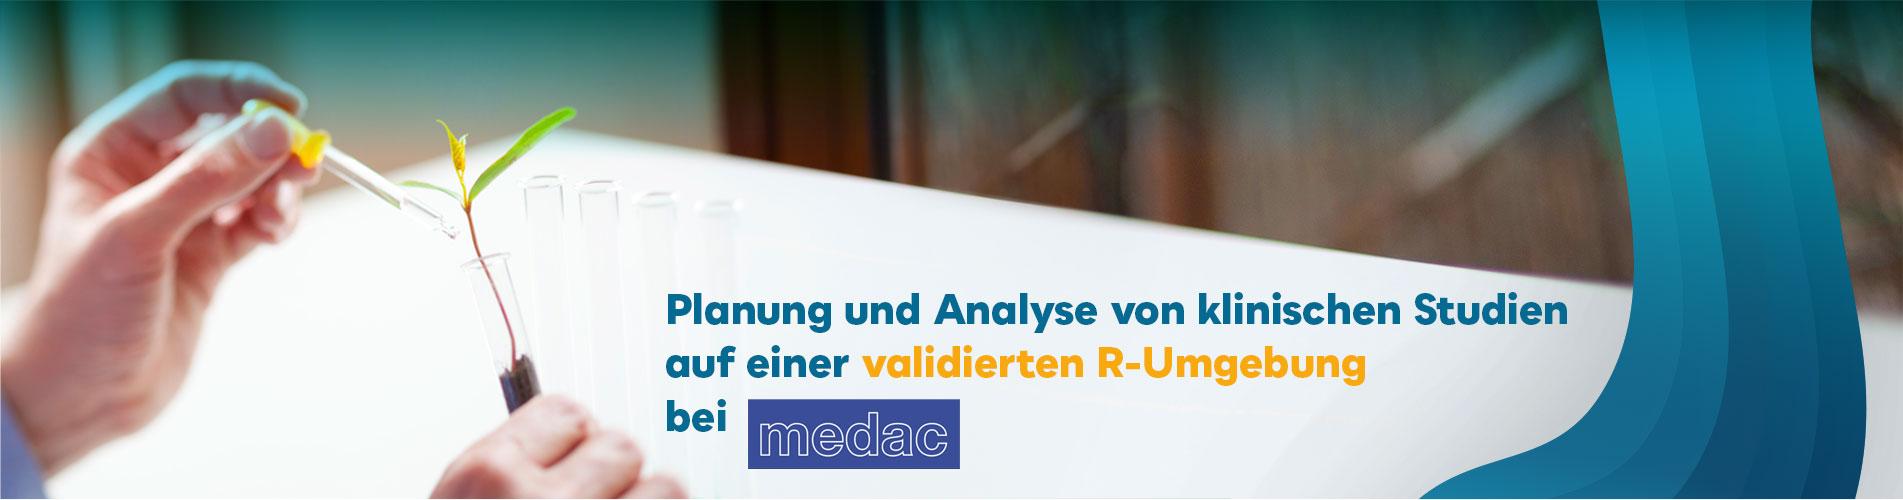 Analyse von klinischen Studien auf einer validierten R-Umgebung bei medac